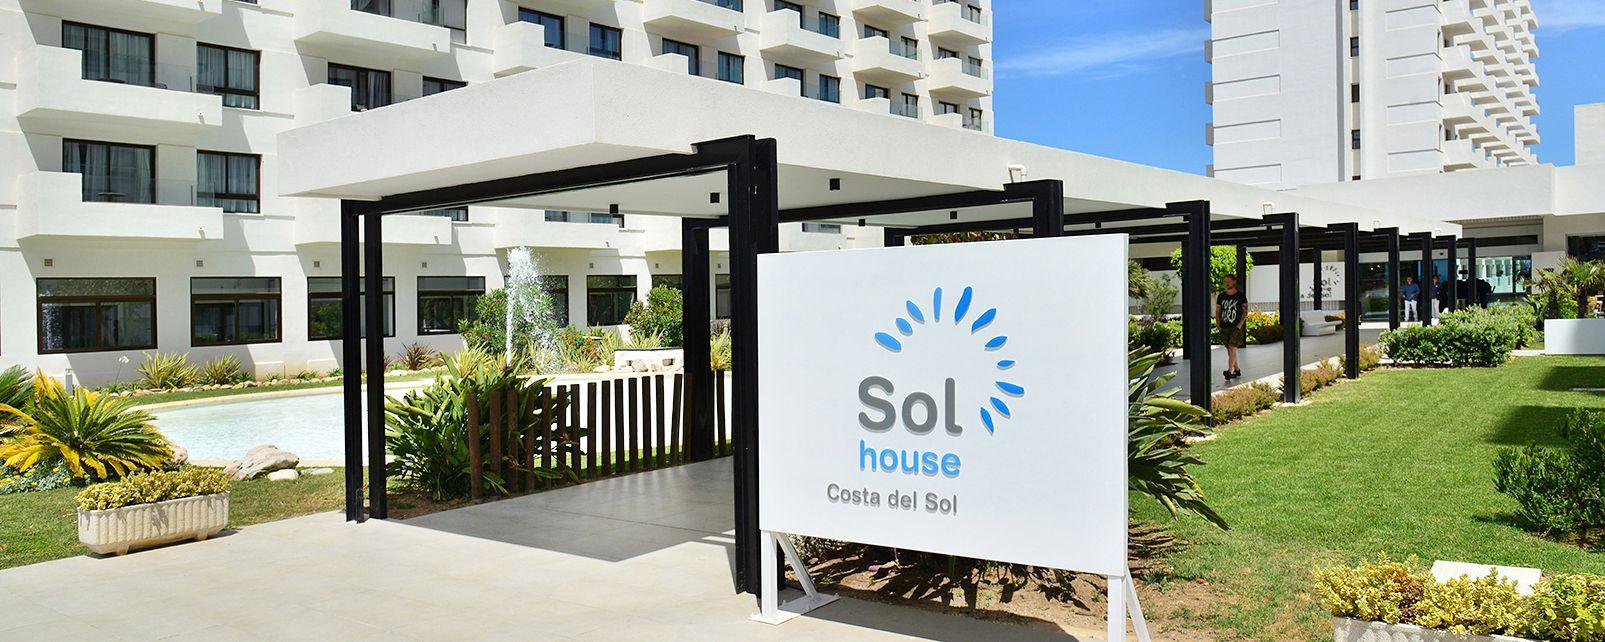 Hôtel Sol House Costa del Sol